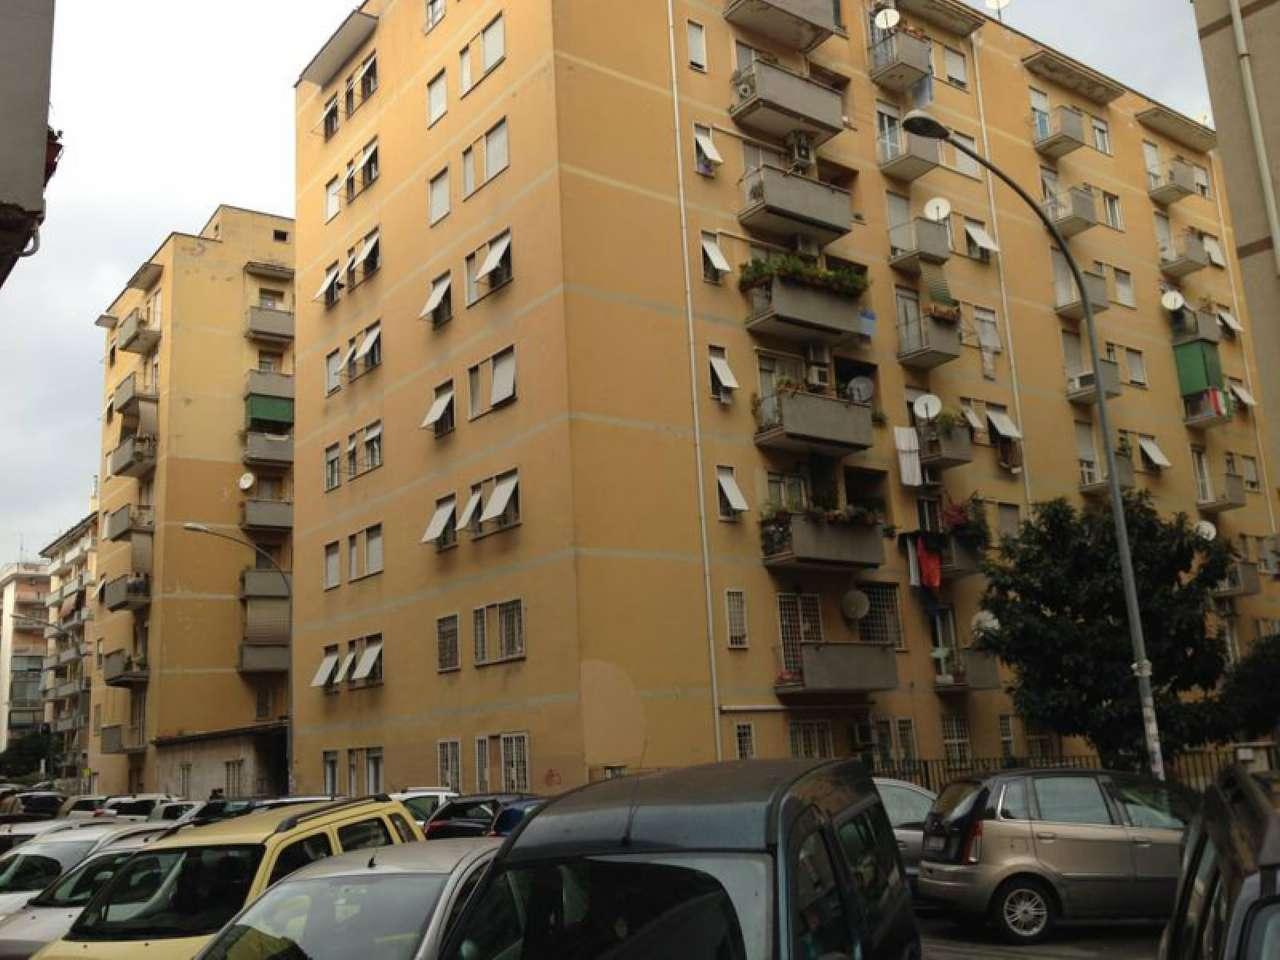 Appartamento in vendita a Roma, 3 locali, zona Zona: 13 . Tuscolano, Appio Claudio, Villa Lais, Quadraro, prezzo € 225.000 | CambioCasa.it